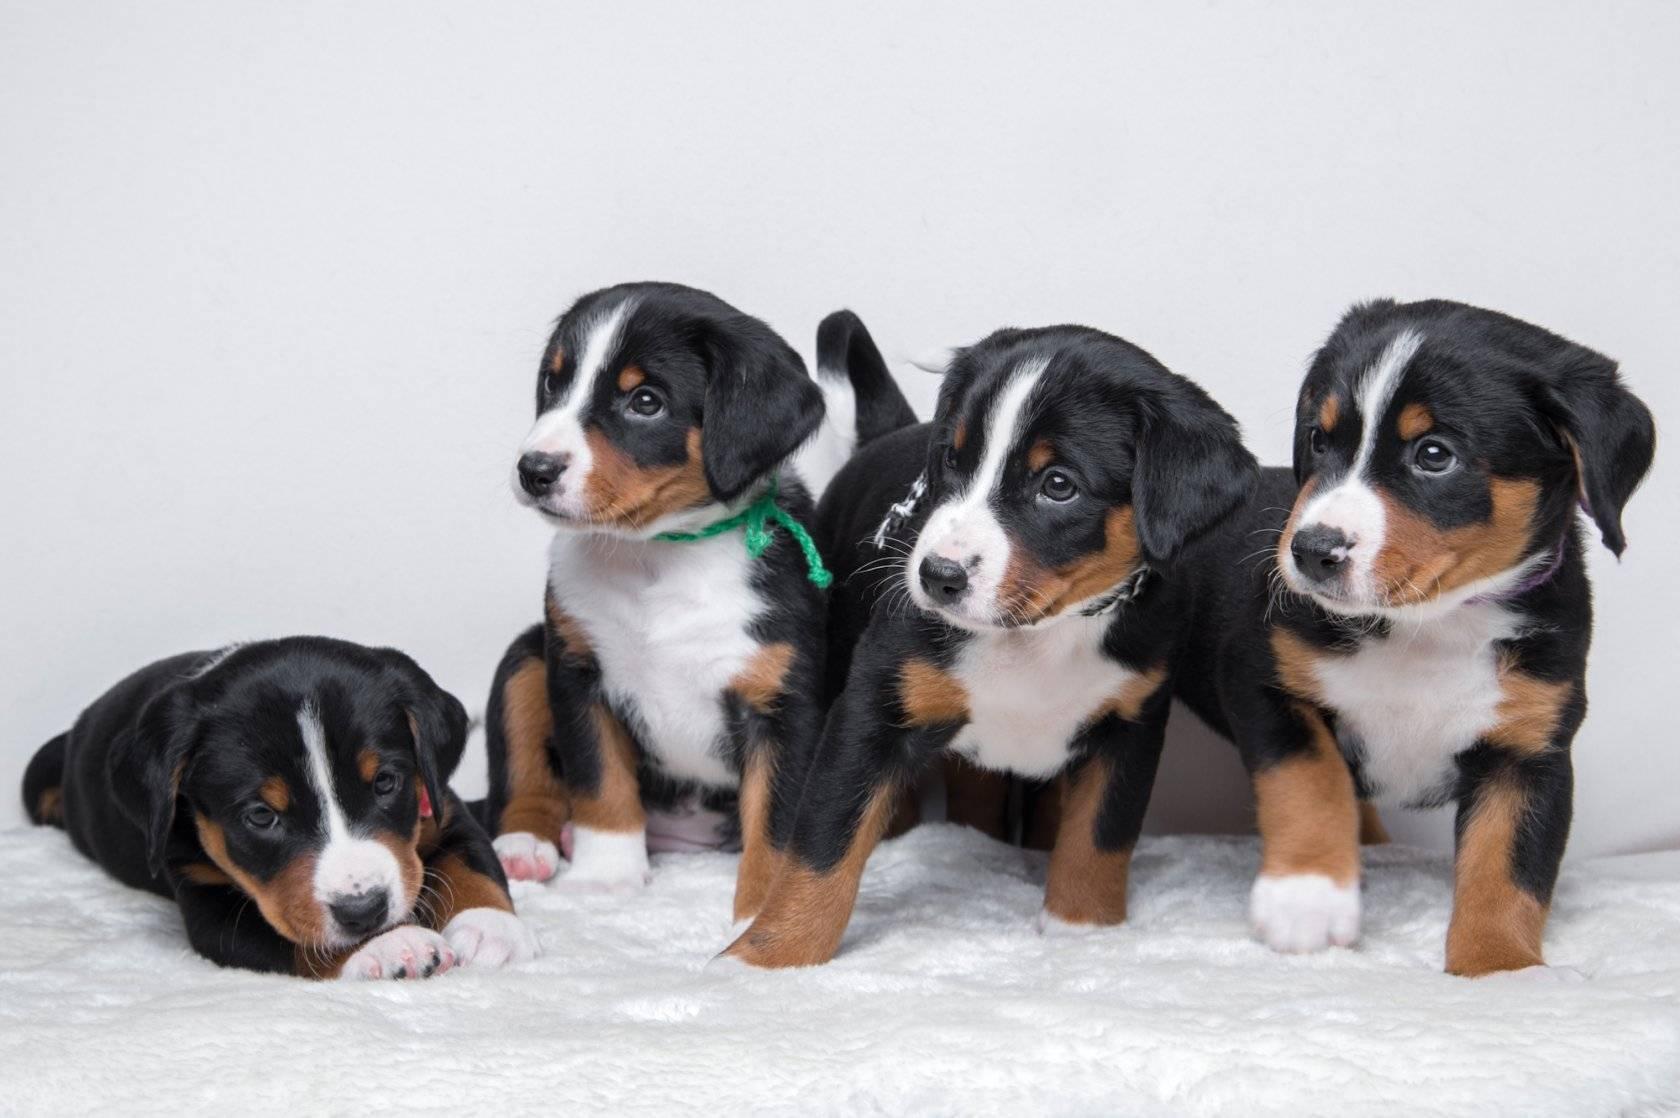 Аппенцеллер зенненхунд: фото собаки и ее метисов, описание швейцарской породы (рост, вес по месяцам, характер), отзывы владельцев, цена щенков и известные питомники